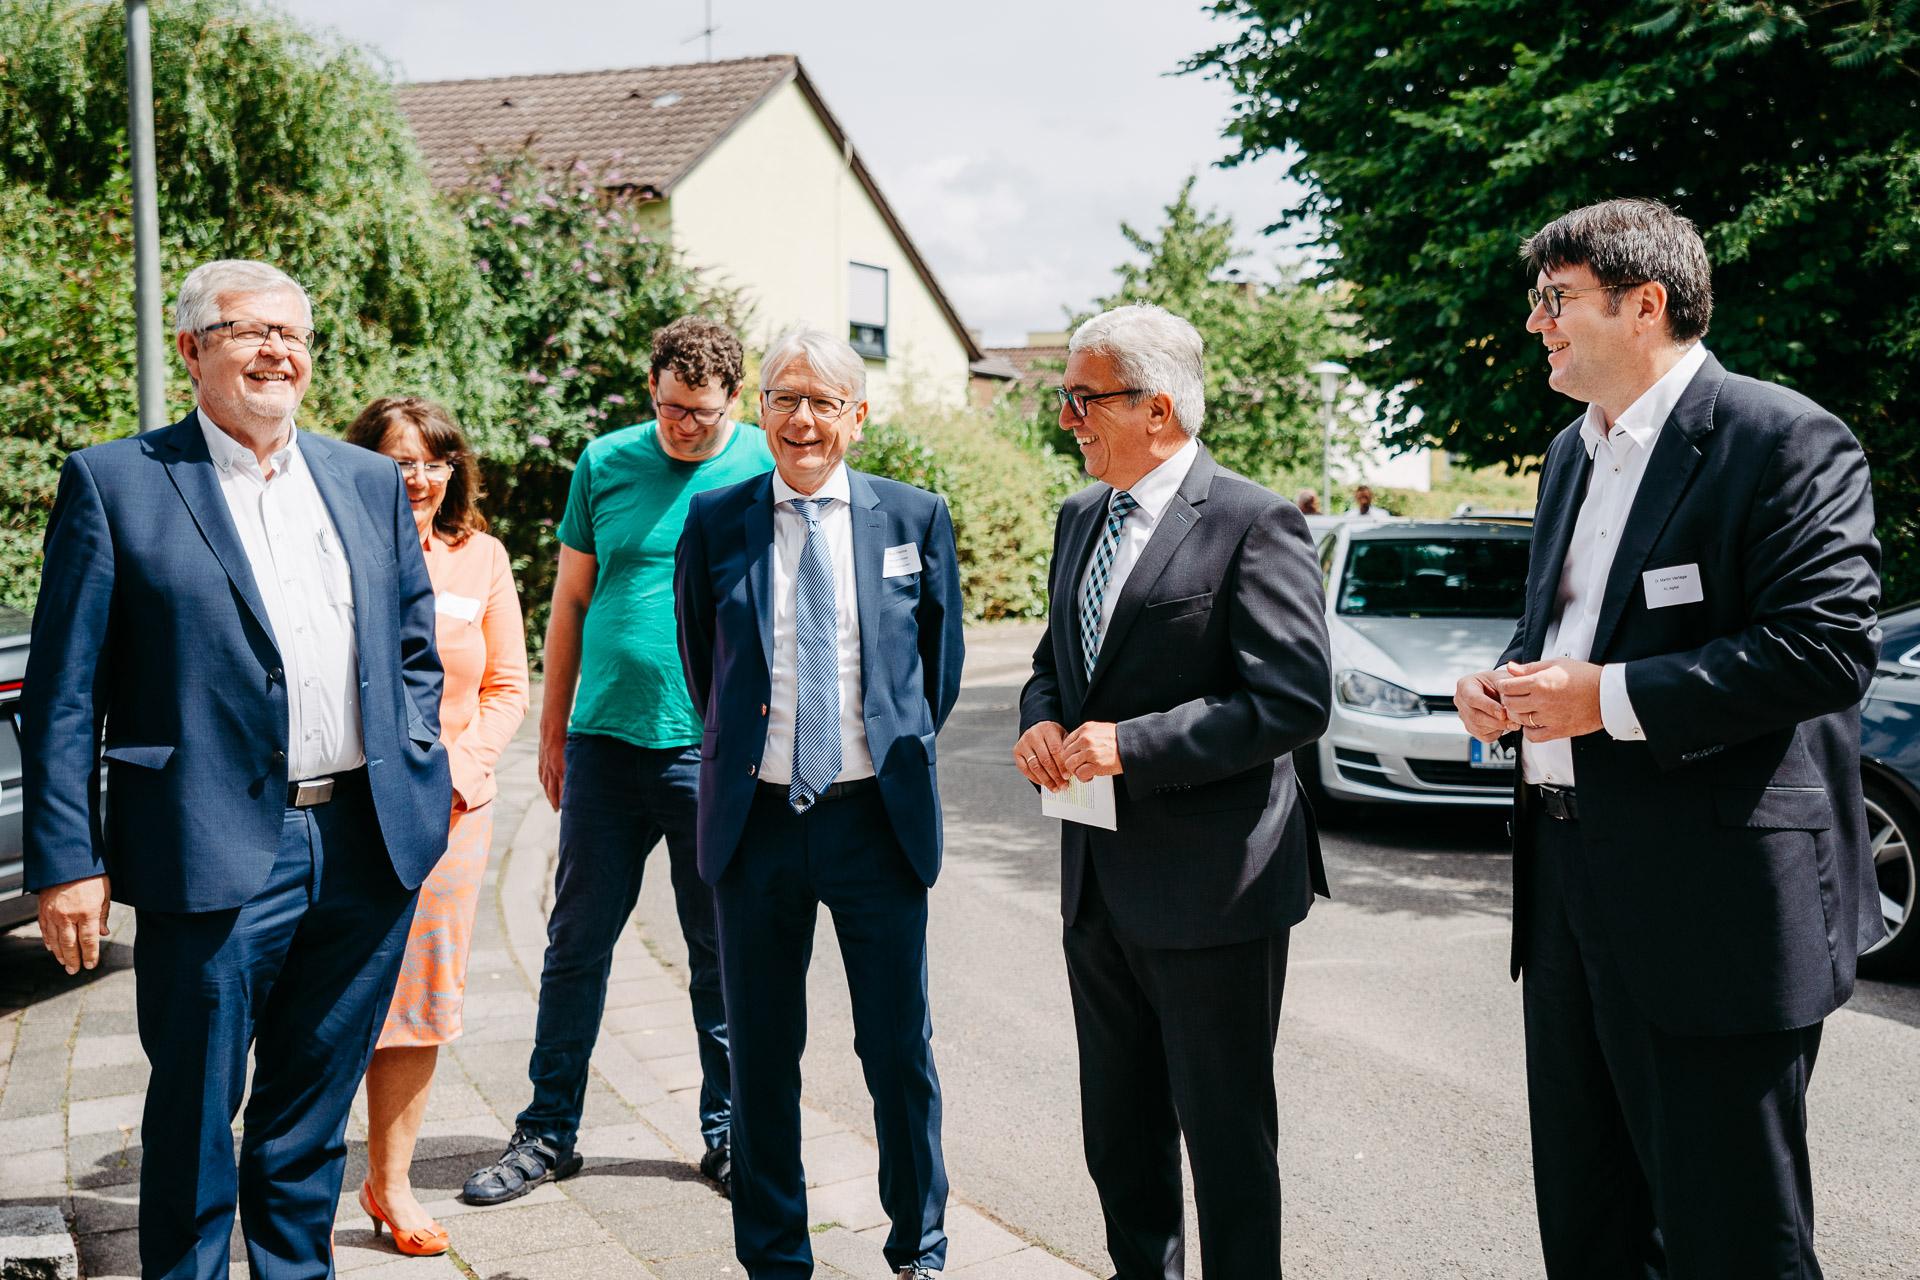 Vier Männer stehen im Bildvordergrund auf einem Gehweg und sind fröhlich.